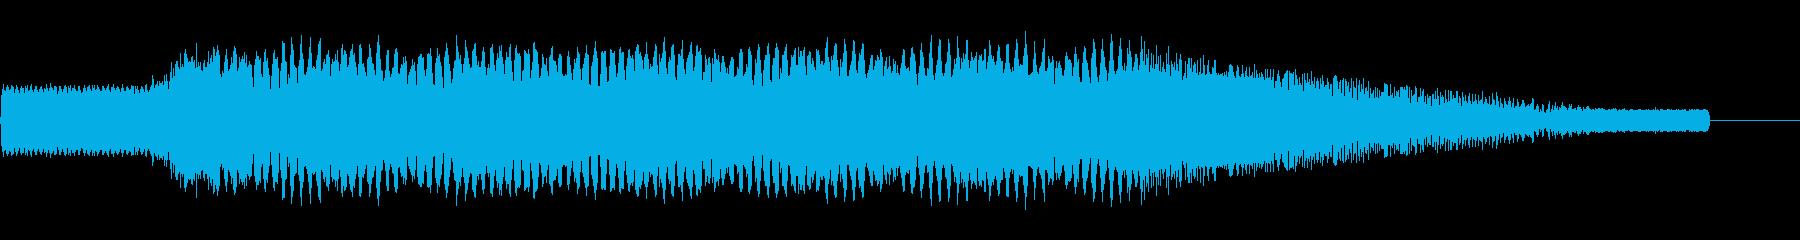 レーザー/コンピューター上下1の再生済みの波形